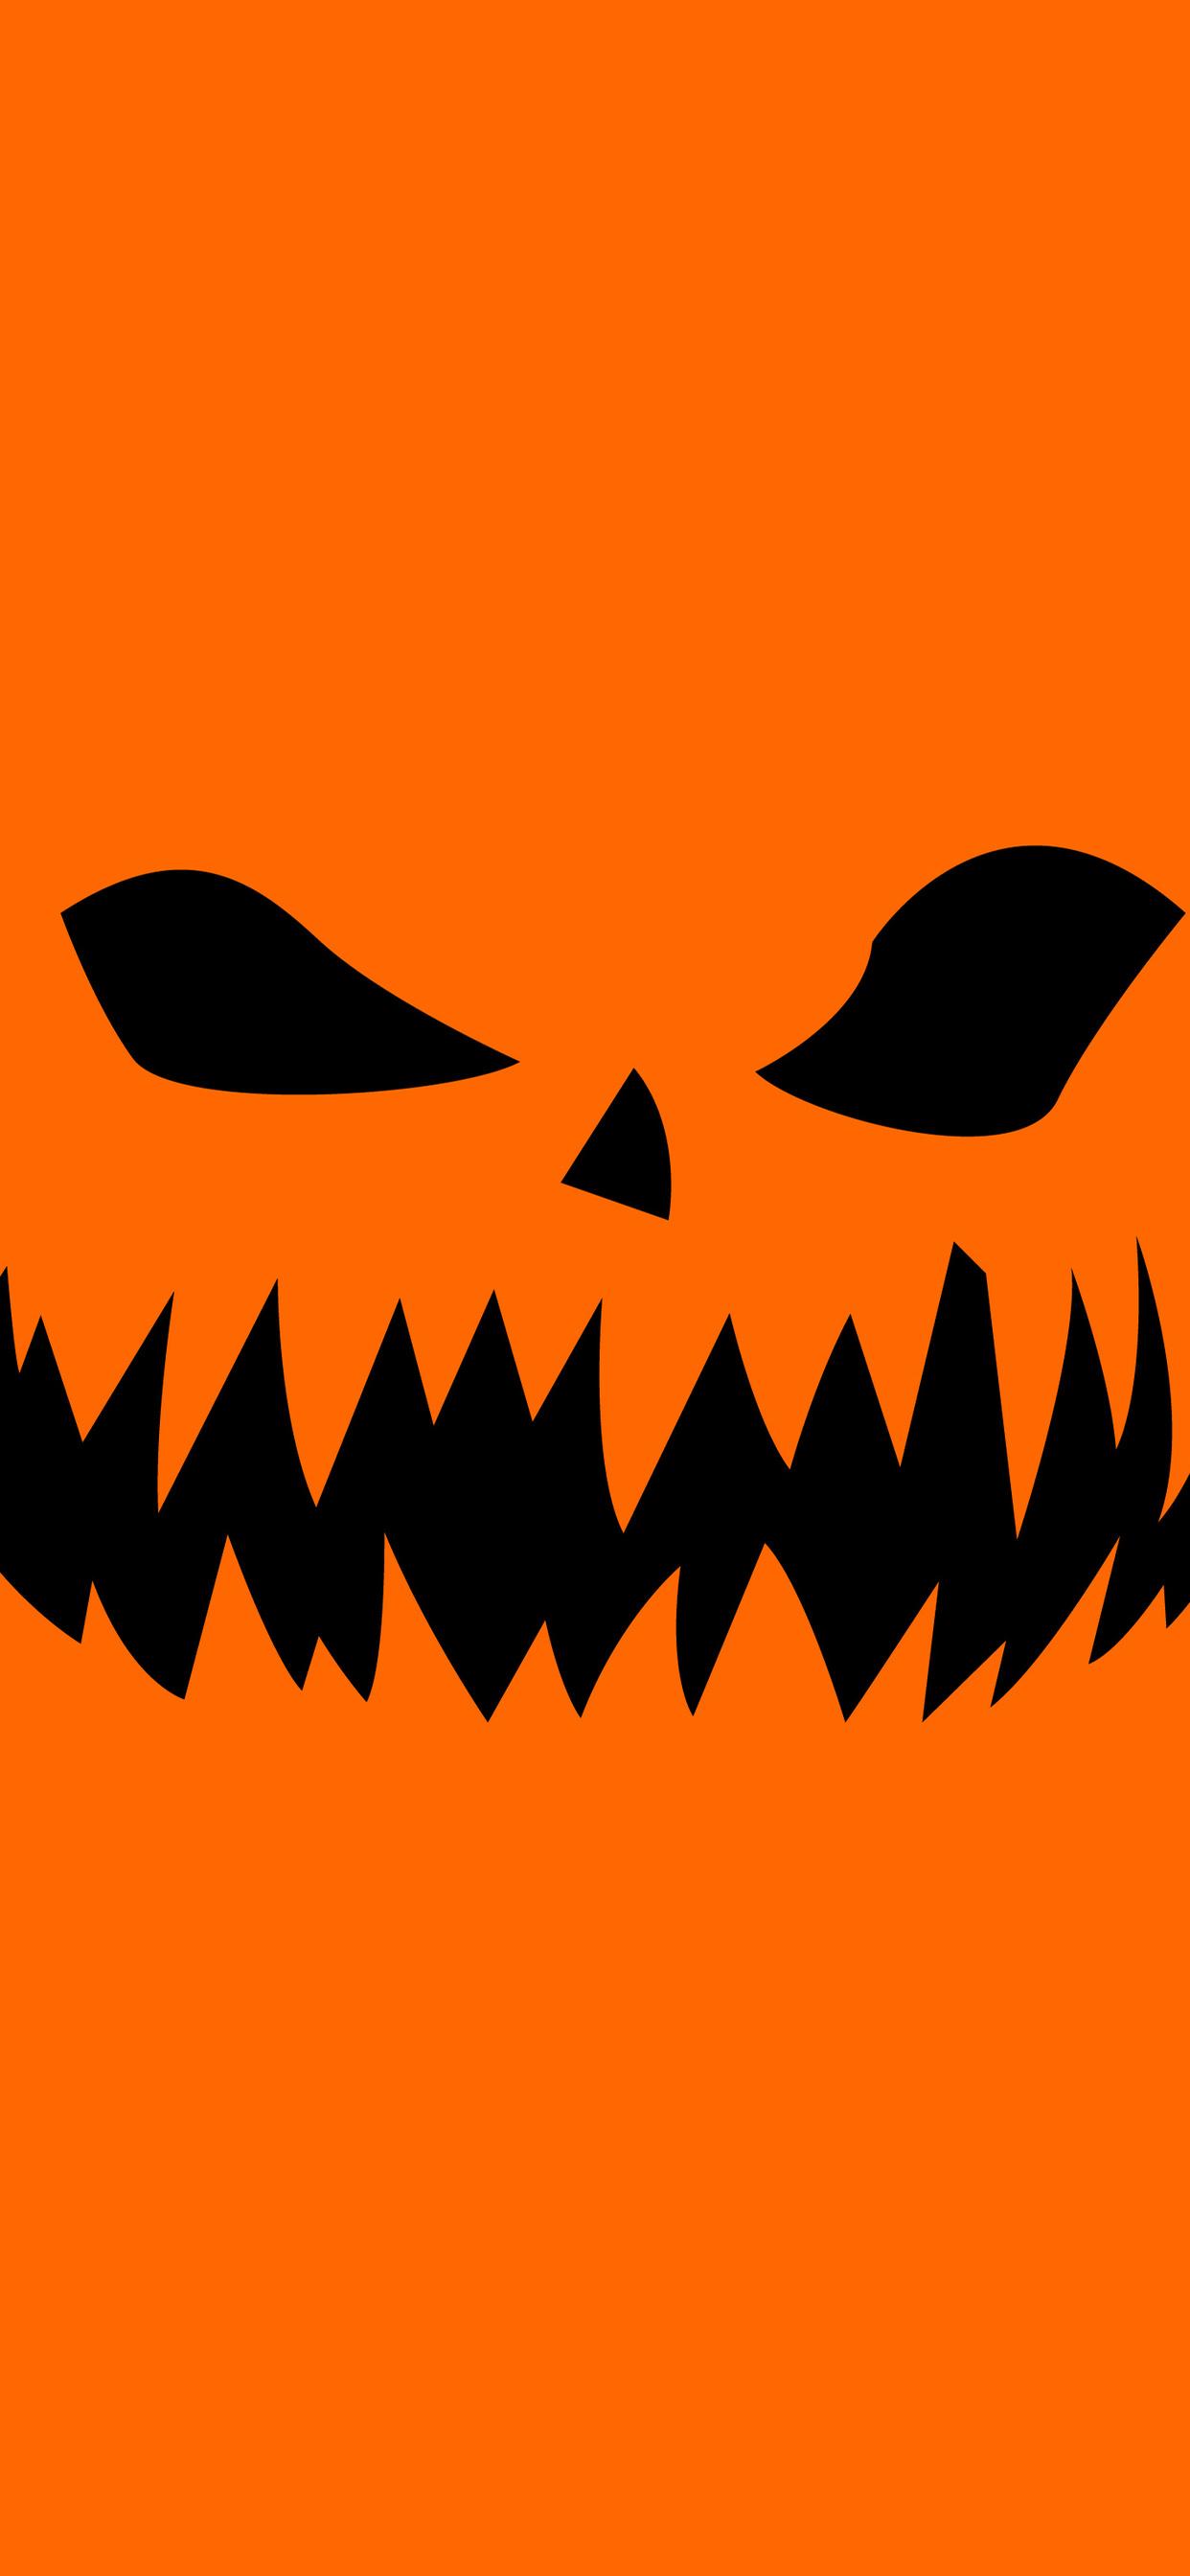 Halloween Wallpaper Iphone Xs Max Halloween Party